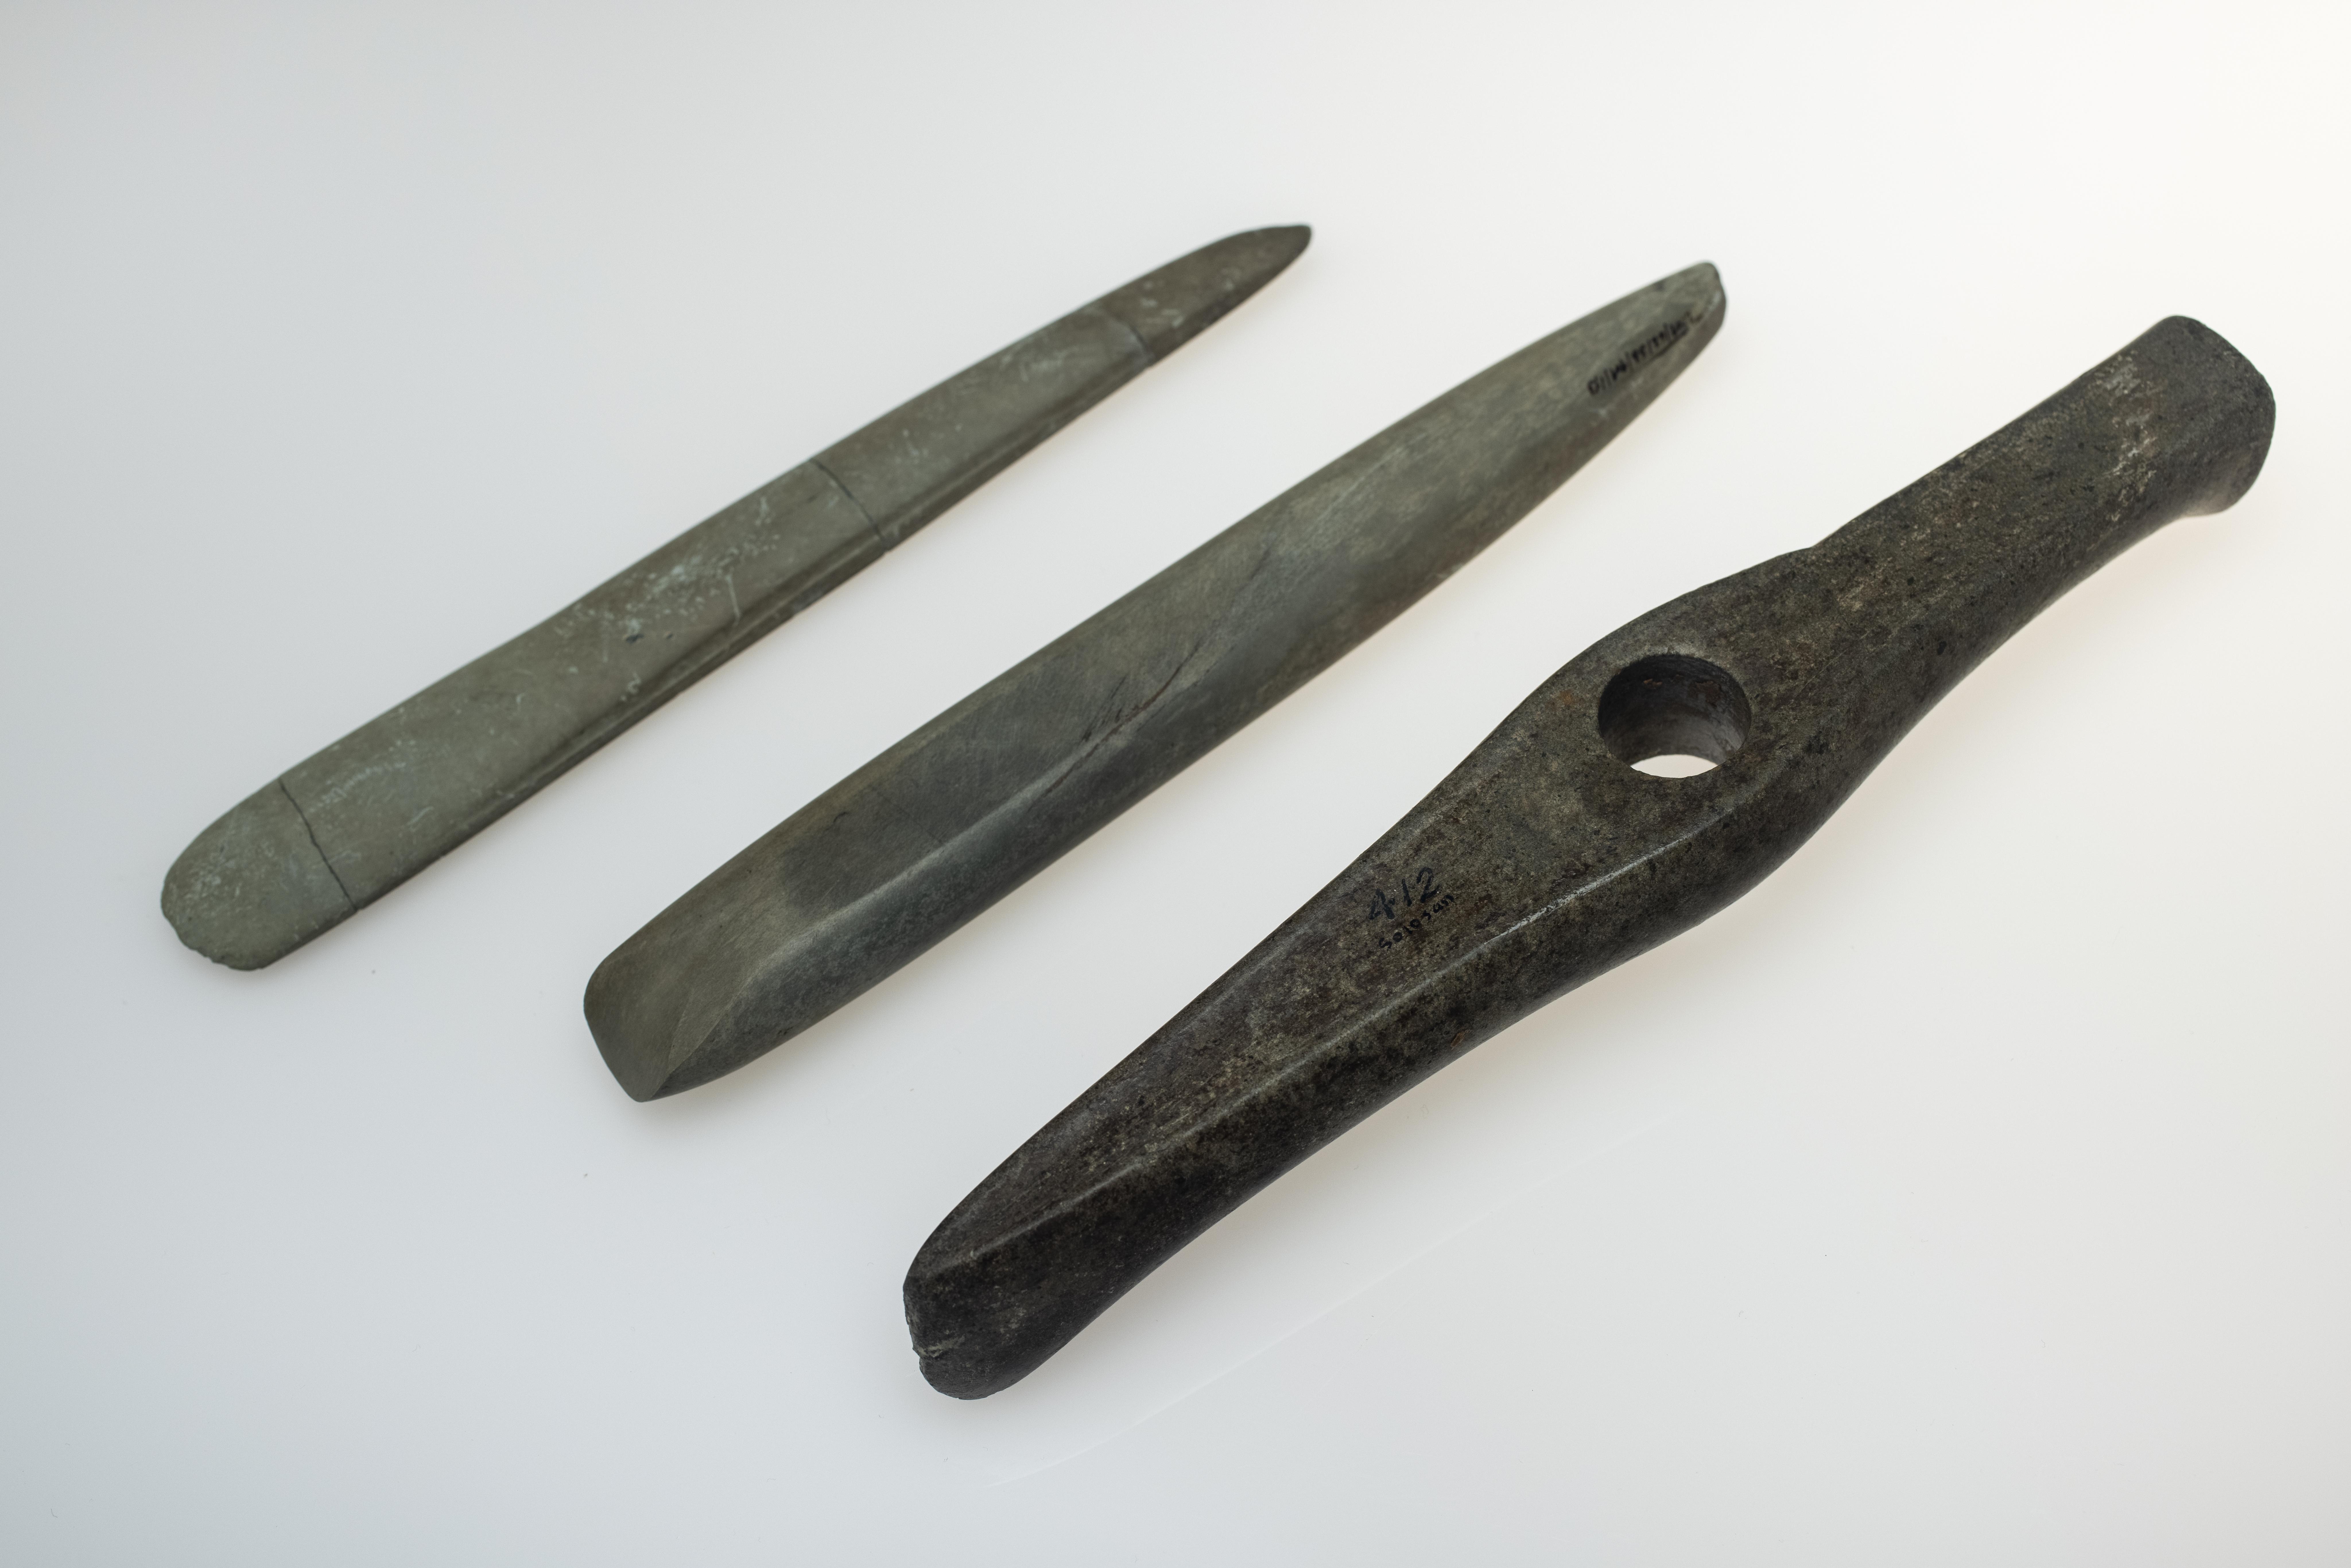 HACHA MARTILLO Y AJUAR, DEHESA DE RÍO FORTESMironcillo.Calcolítico. IV/III Milenio a.C.Piedra pulimentada[IM 412; 01/62 y 02/26/7]. Sala IV.